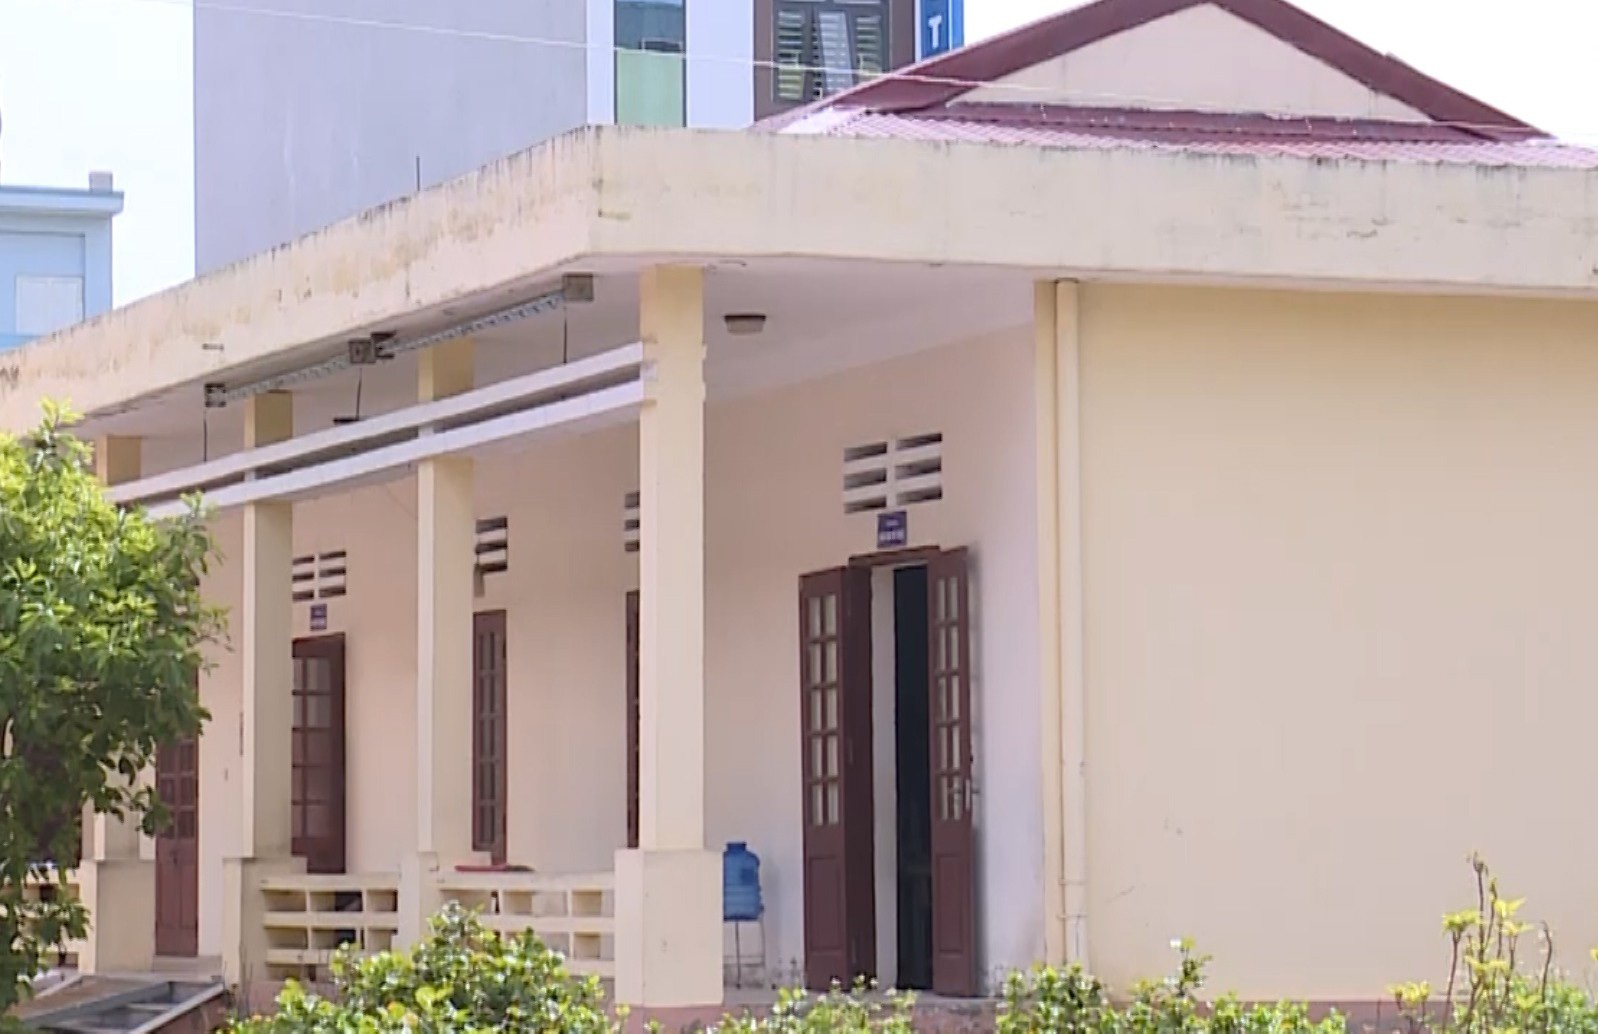 Nhiều phòng chức năng của trường và phòng họp đa năng phải dùng để ngăn ra cho học sinh học.